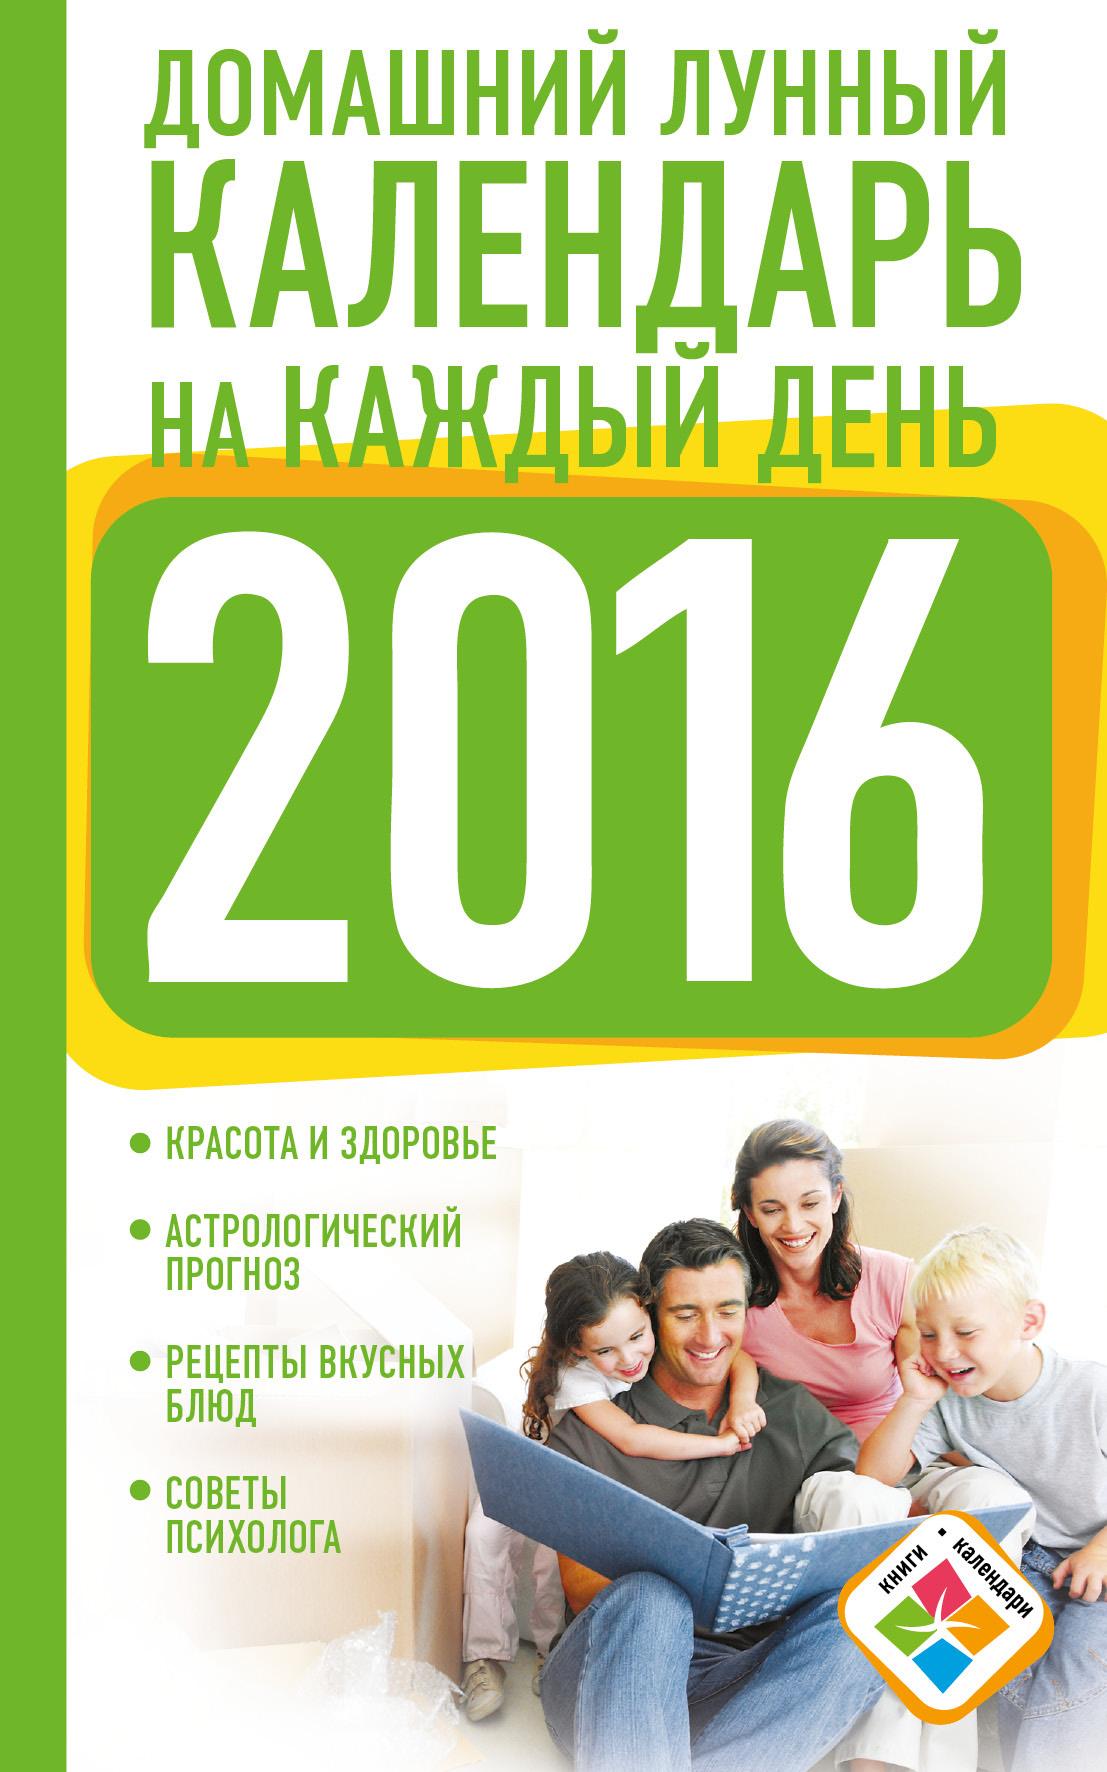 Нина Виноградова Домашний лунный календарь на каждый день. 2016 год нина виноградова лунный календарь богатства и успеха на 2016 год